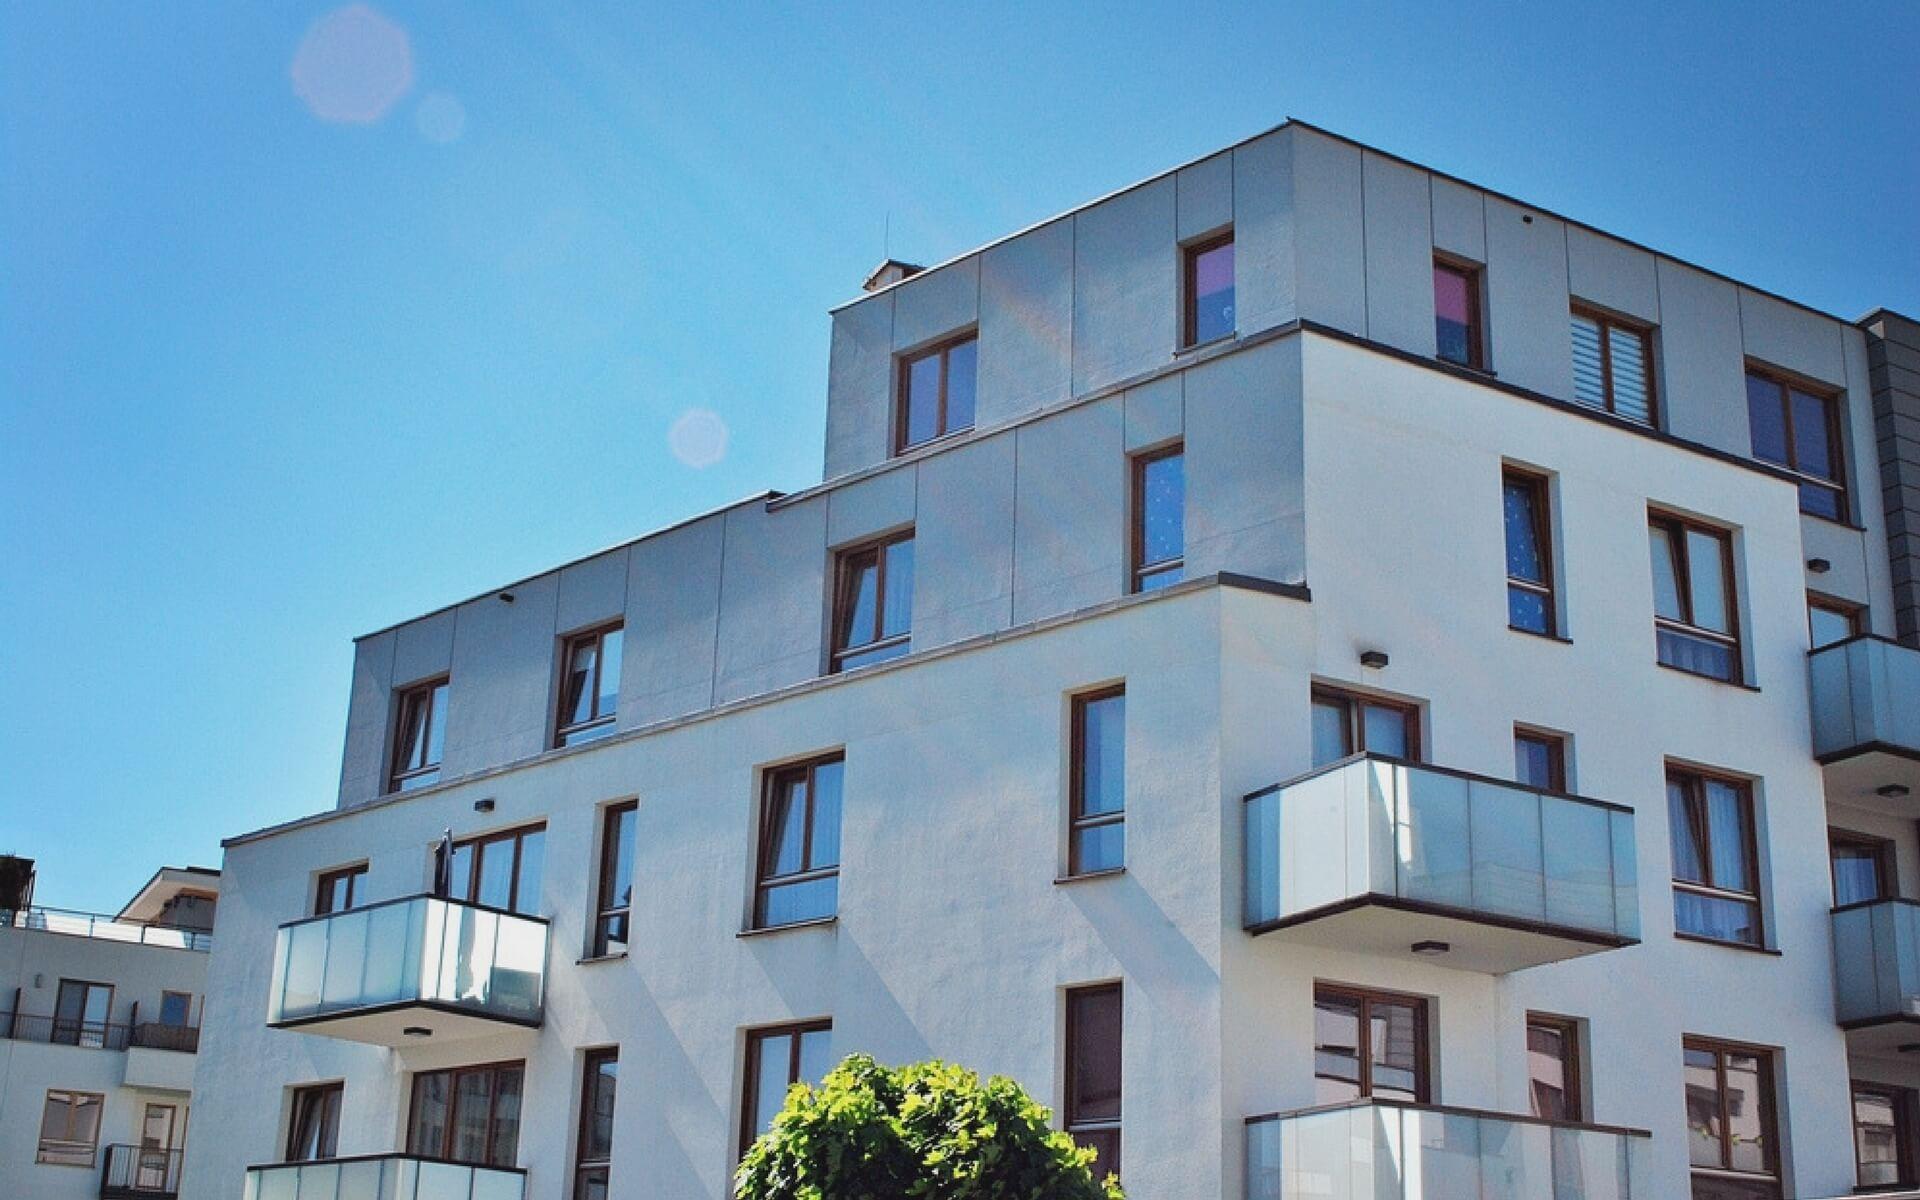 L 39 importanza dei vetri nella scelta delle finestre blog oknoplast - Decorare i vetri delle finestre ...